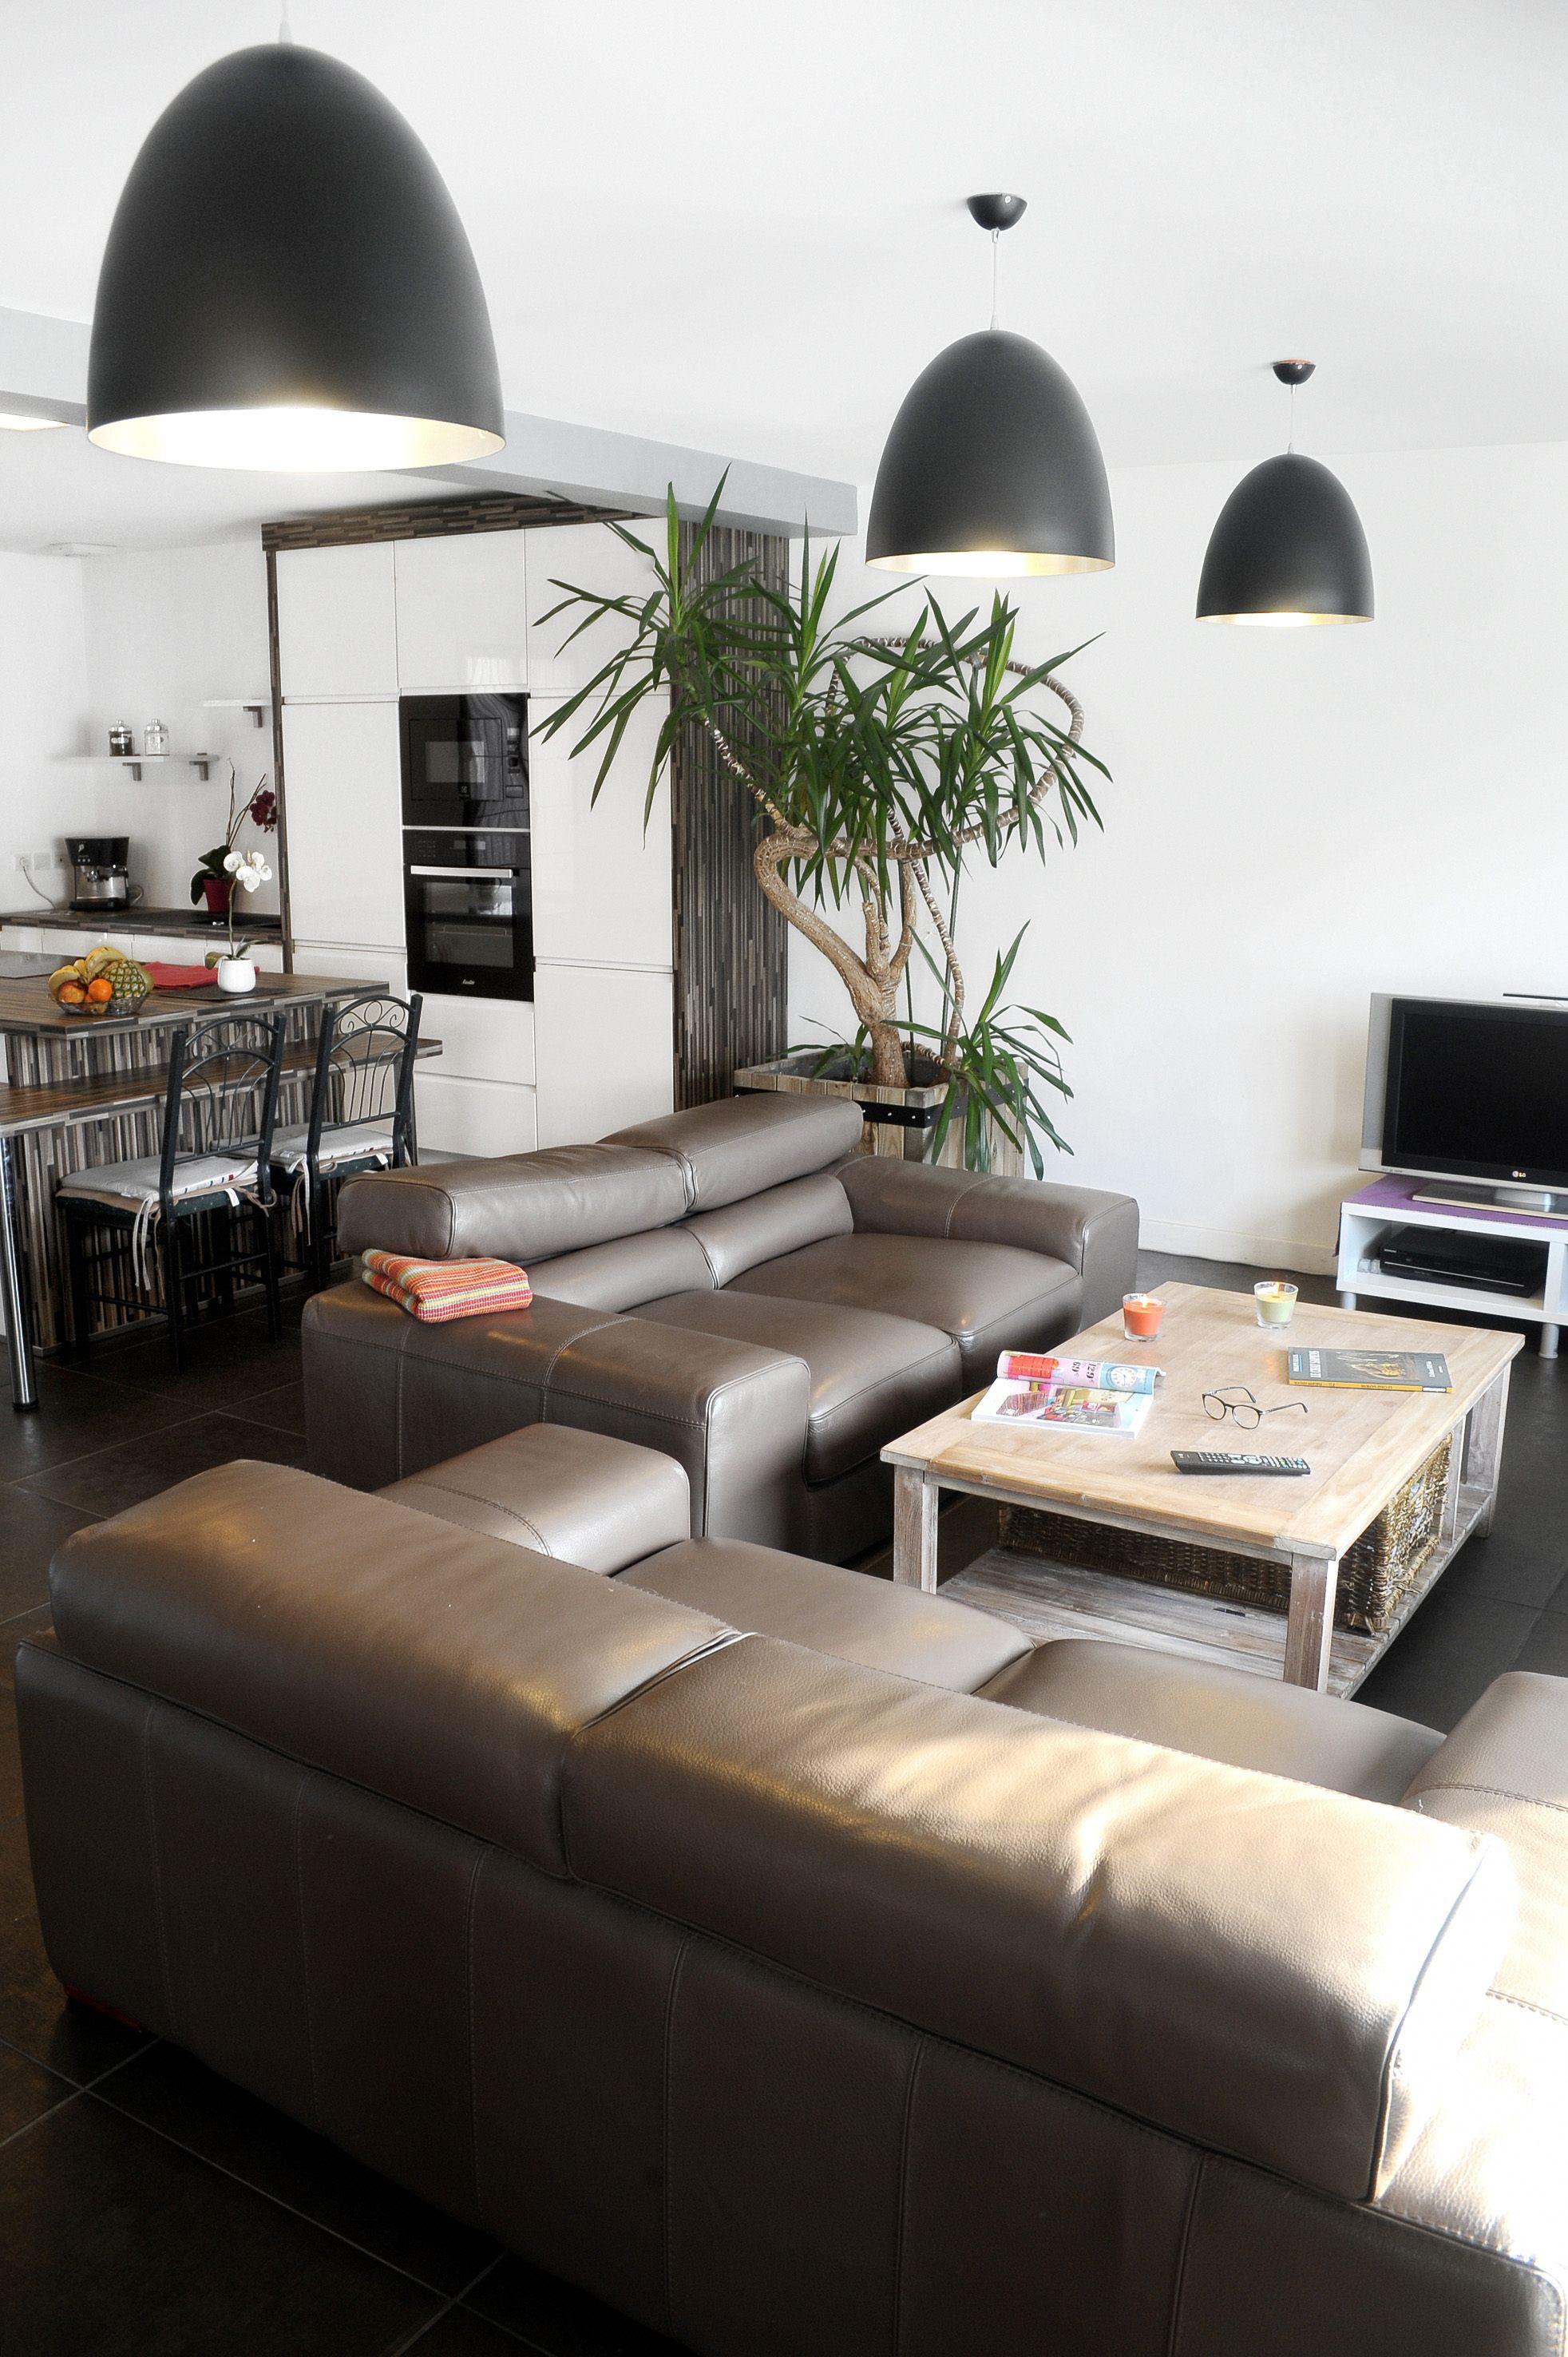 Maisons + Terrains du constructeur Maisons Phénix La-Roche-Sur-Yon • 86 m² • JARD SUR MER